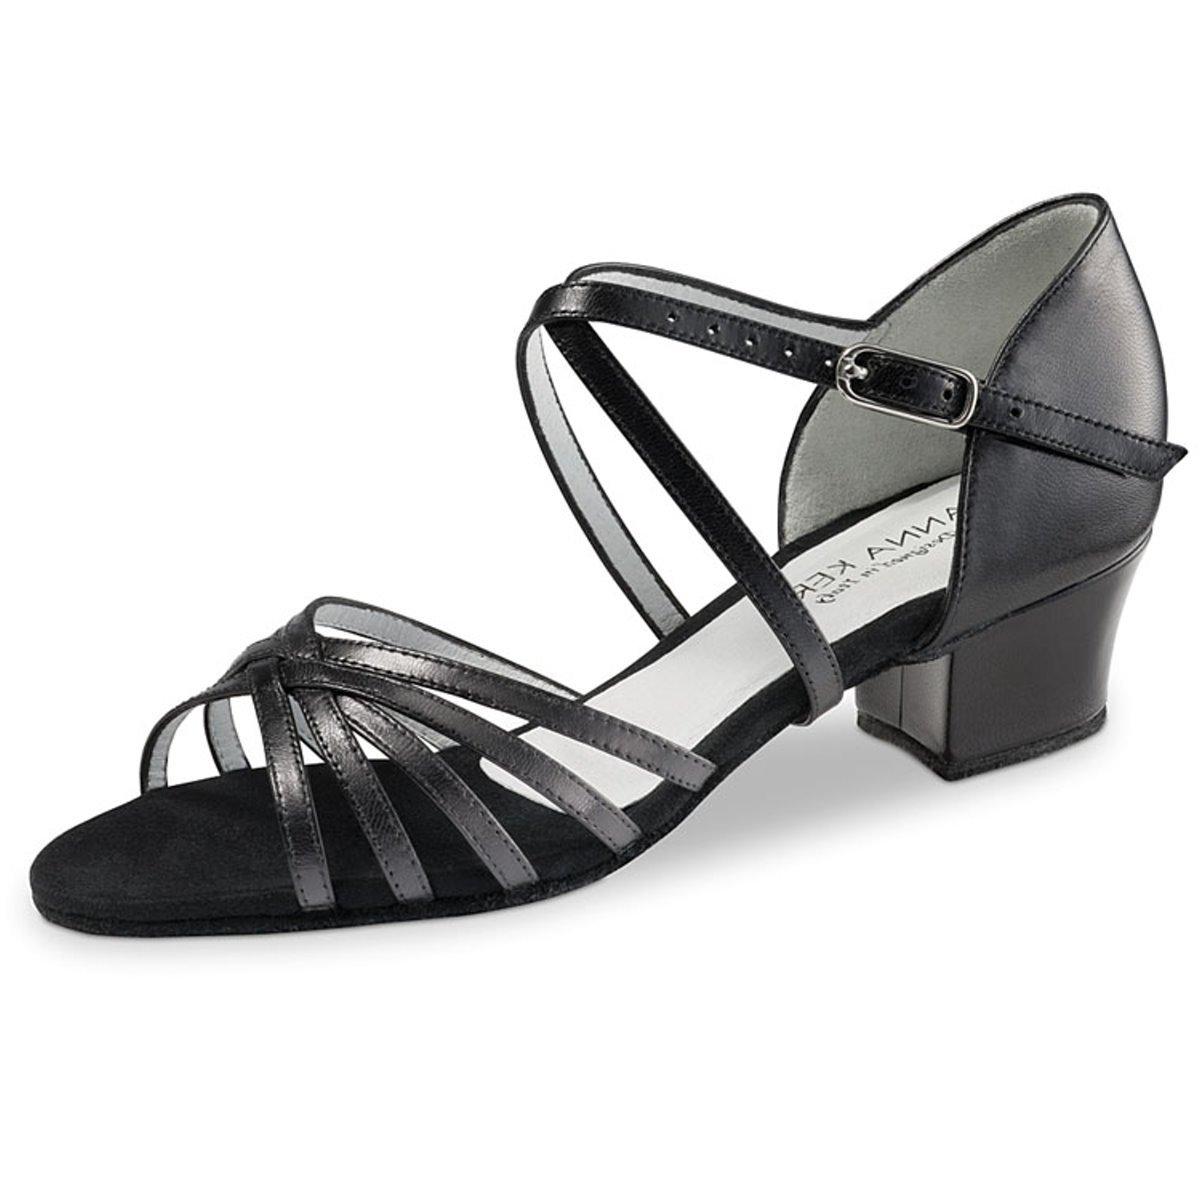 Anna Kern Femmes Chaussures de Danse 581-35 - Cuir Noir - 3, 5 CM